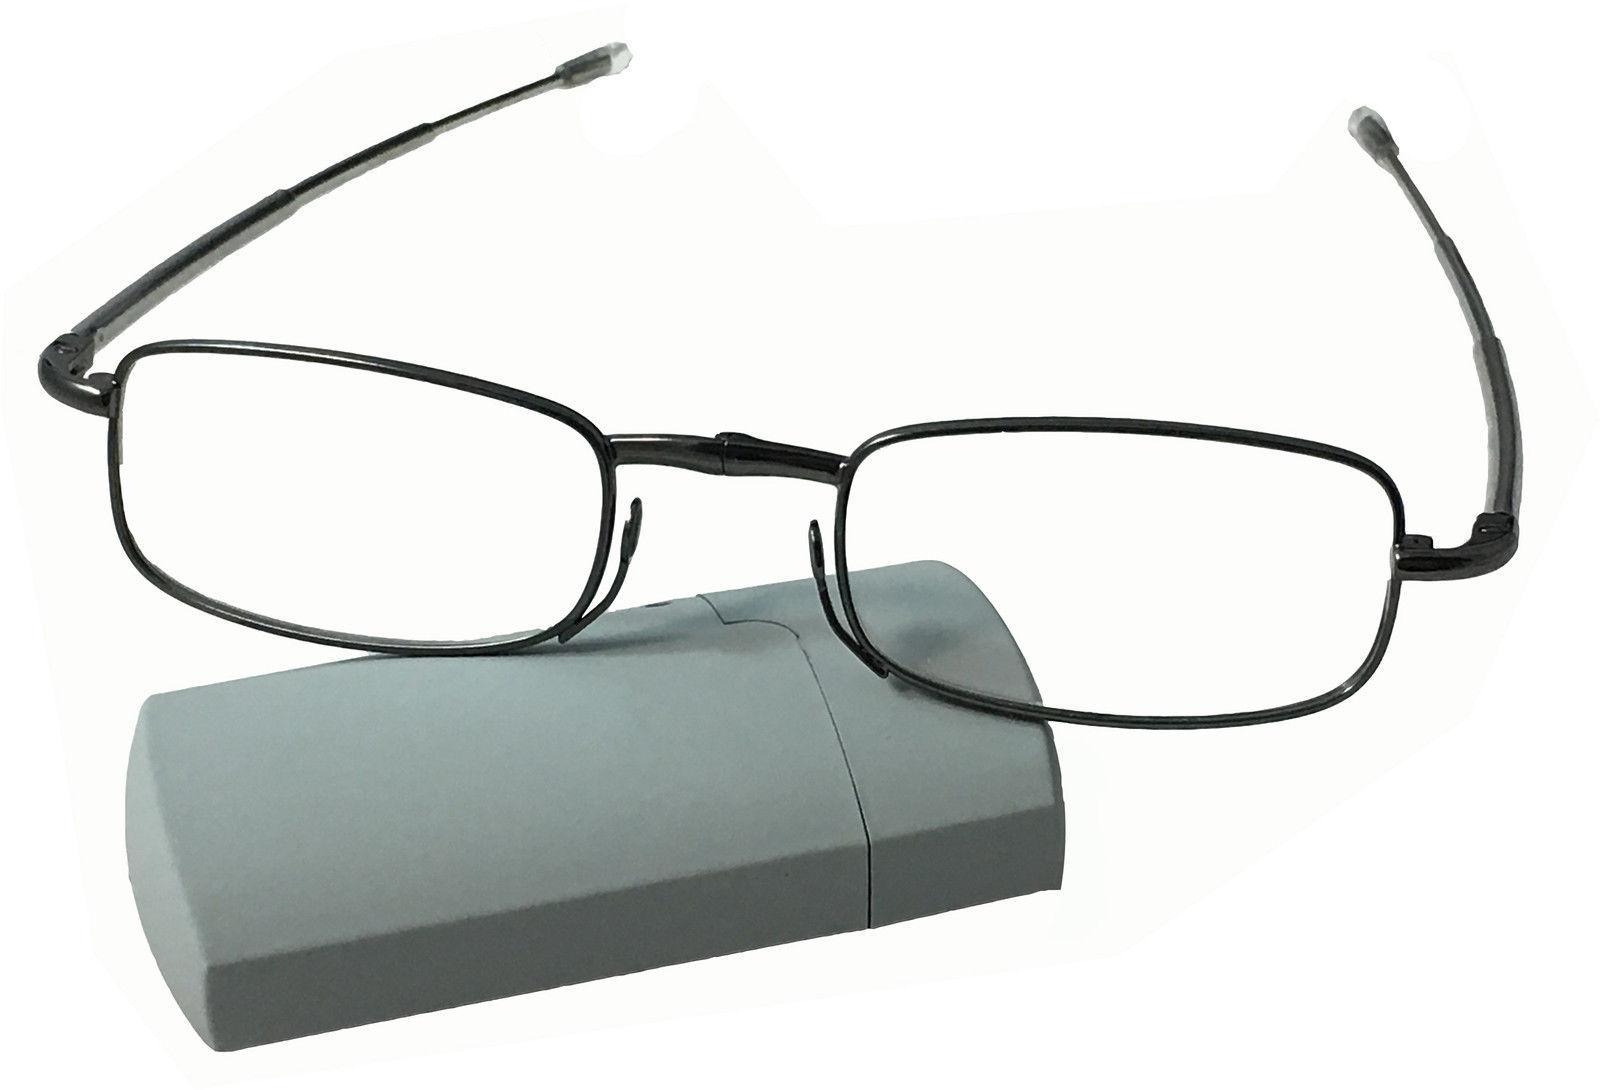 c9979f257c Lunettes et accessoires d'optique offerts au Canada | Walmart Canada